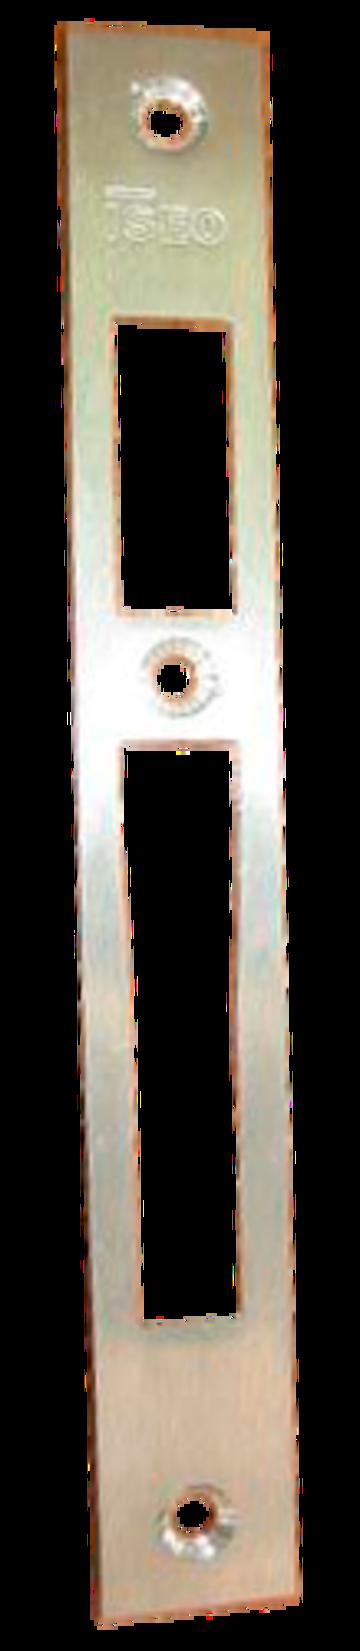 Планка ответная ISEO 038-030